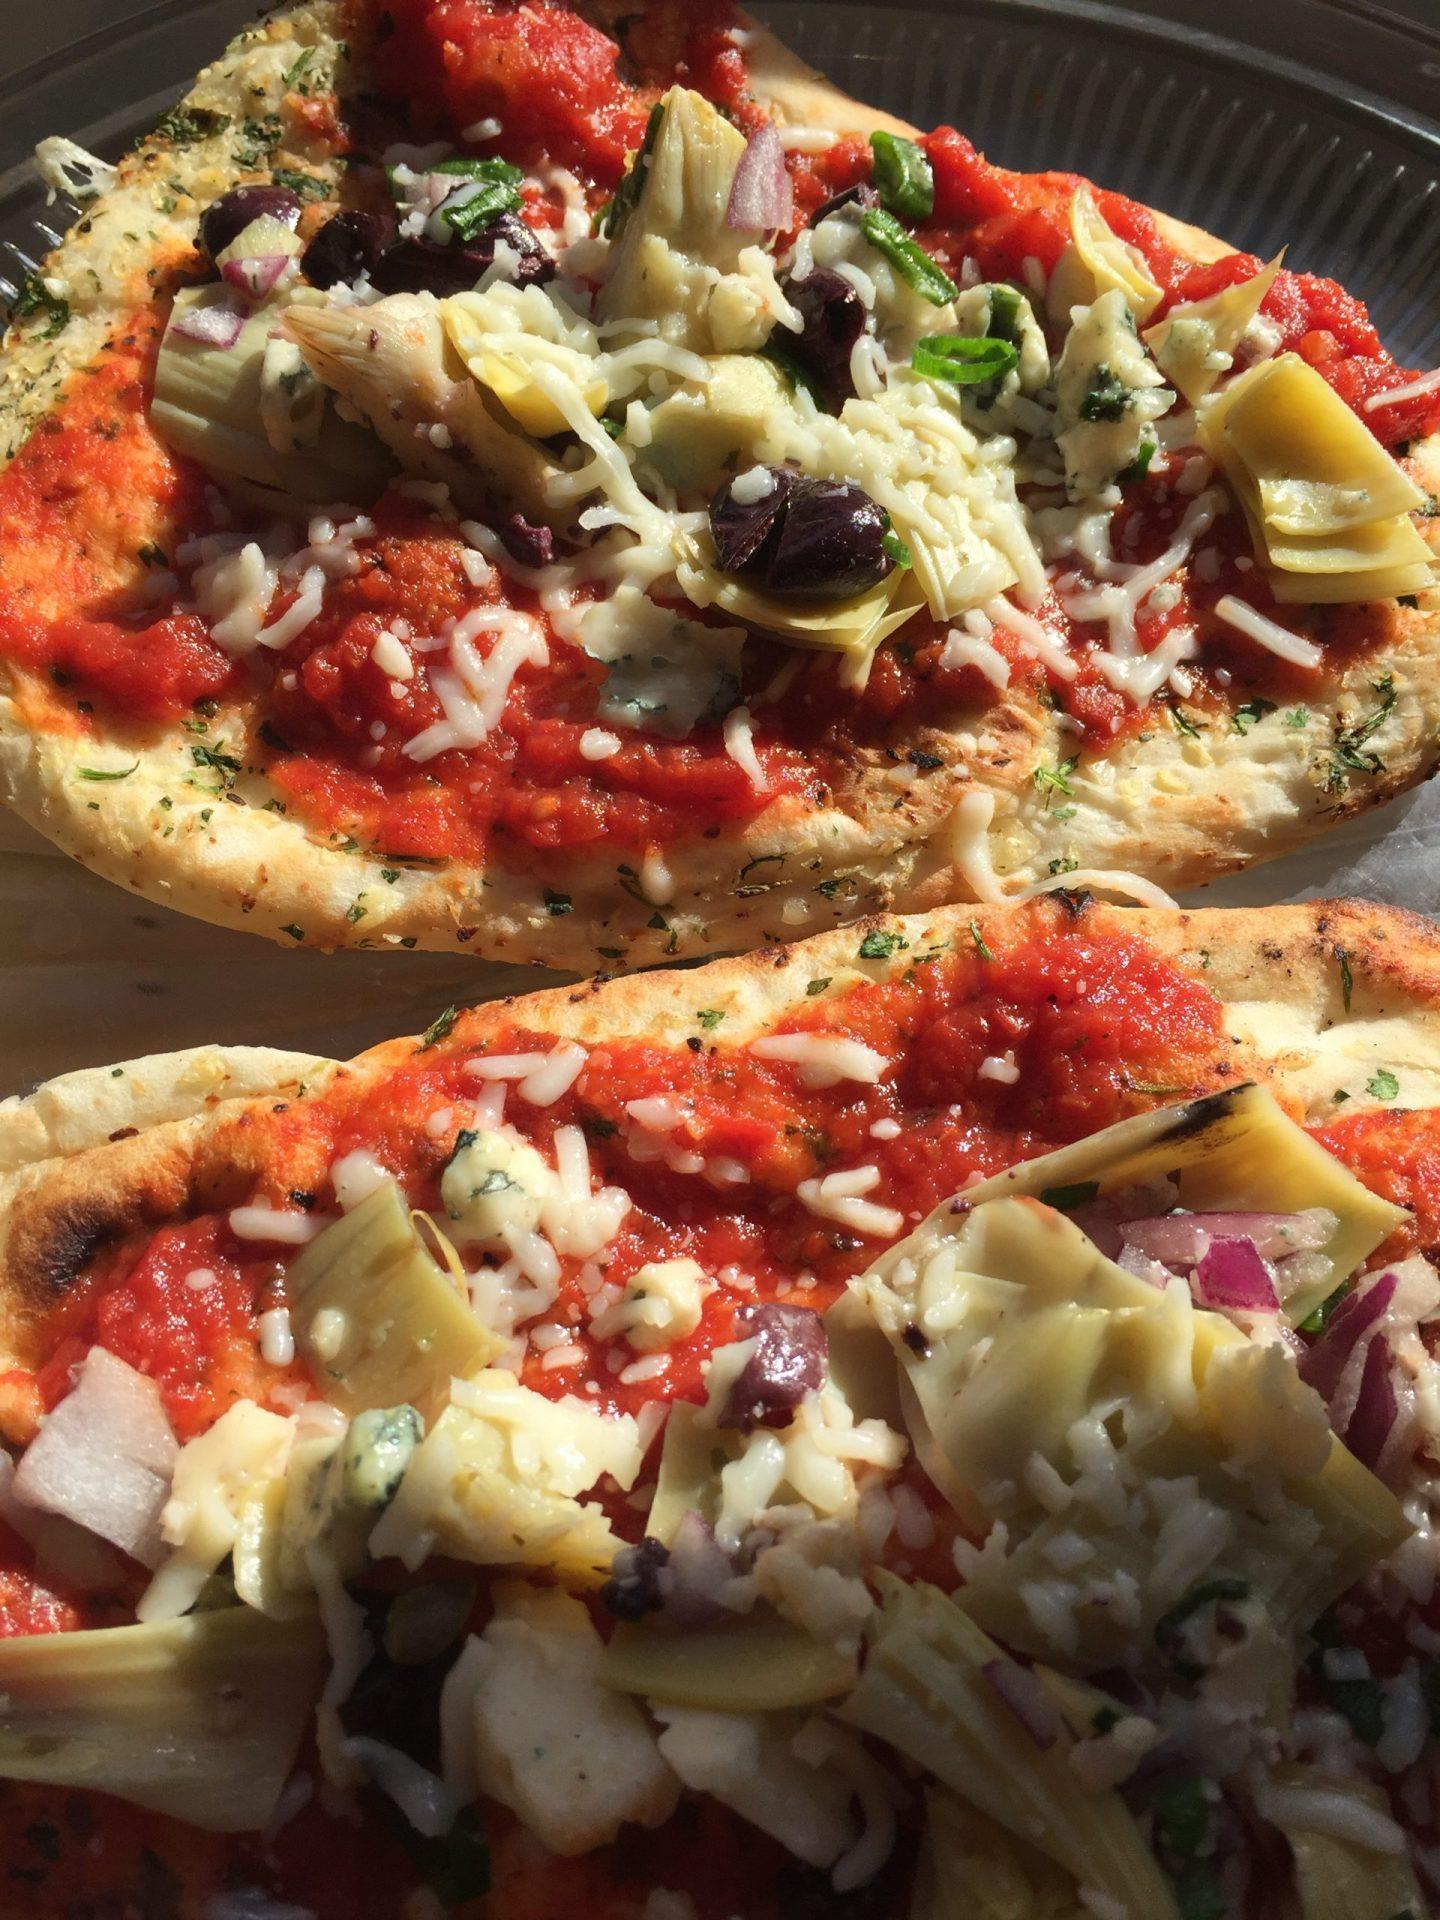 Foccacia, tomatoes, cheese, artichokes